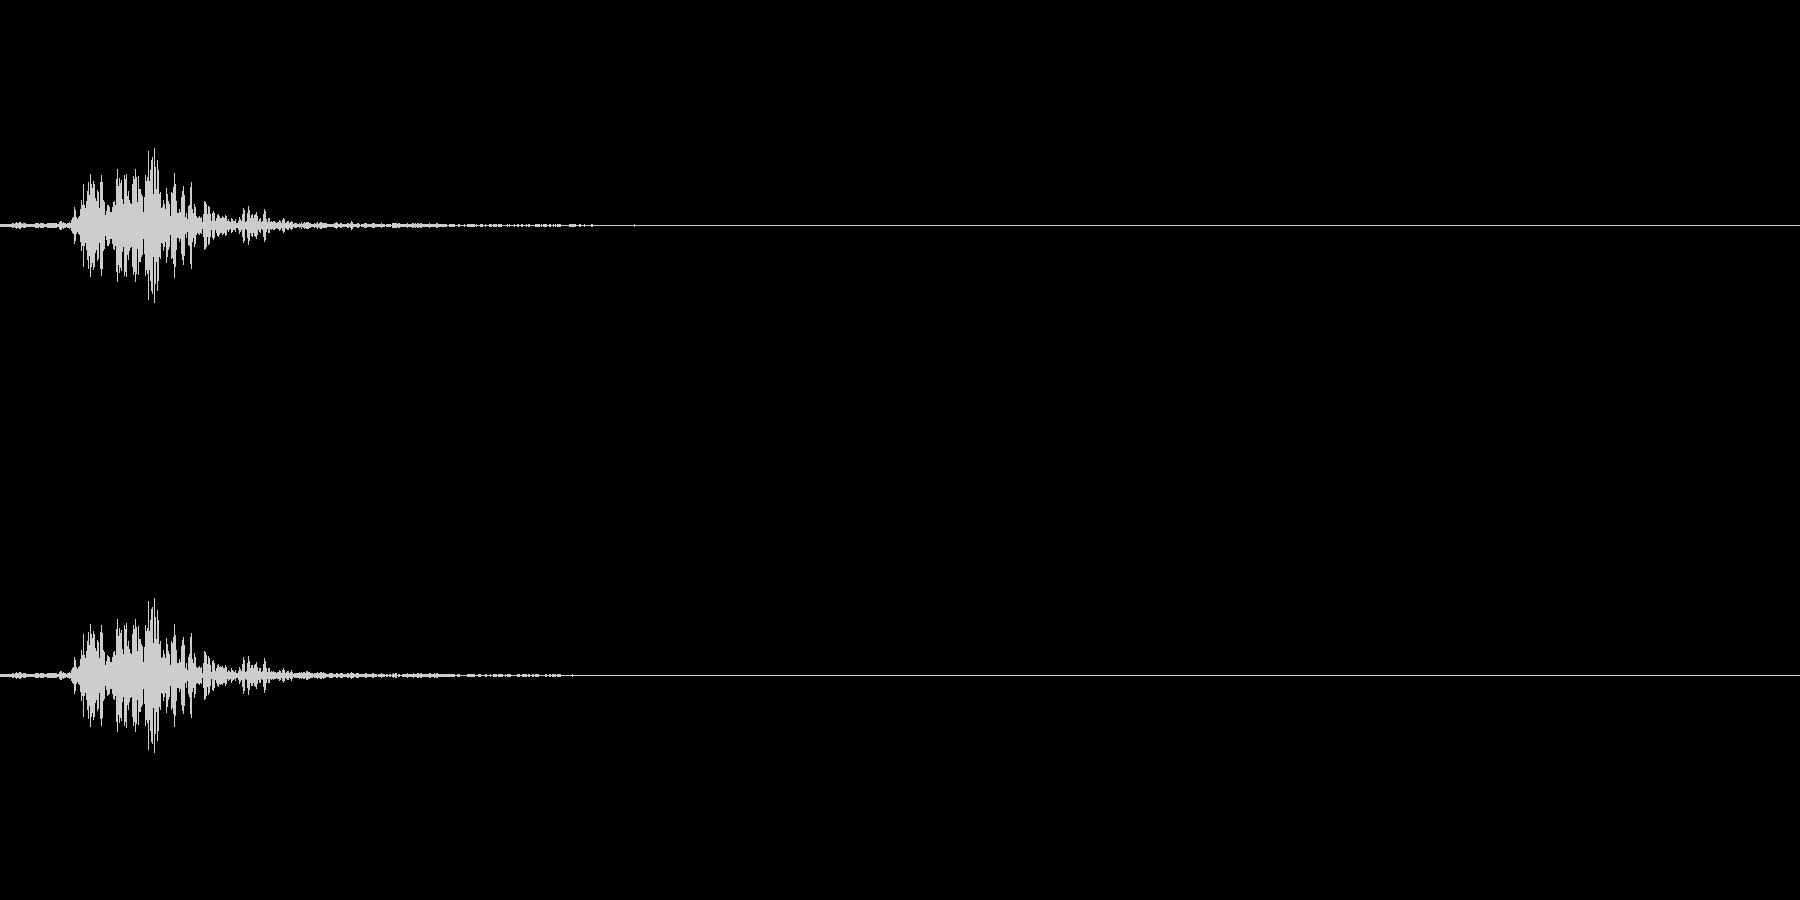 「バサッ」の未再生の波形